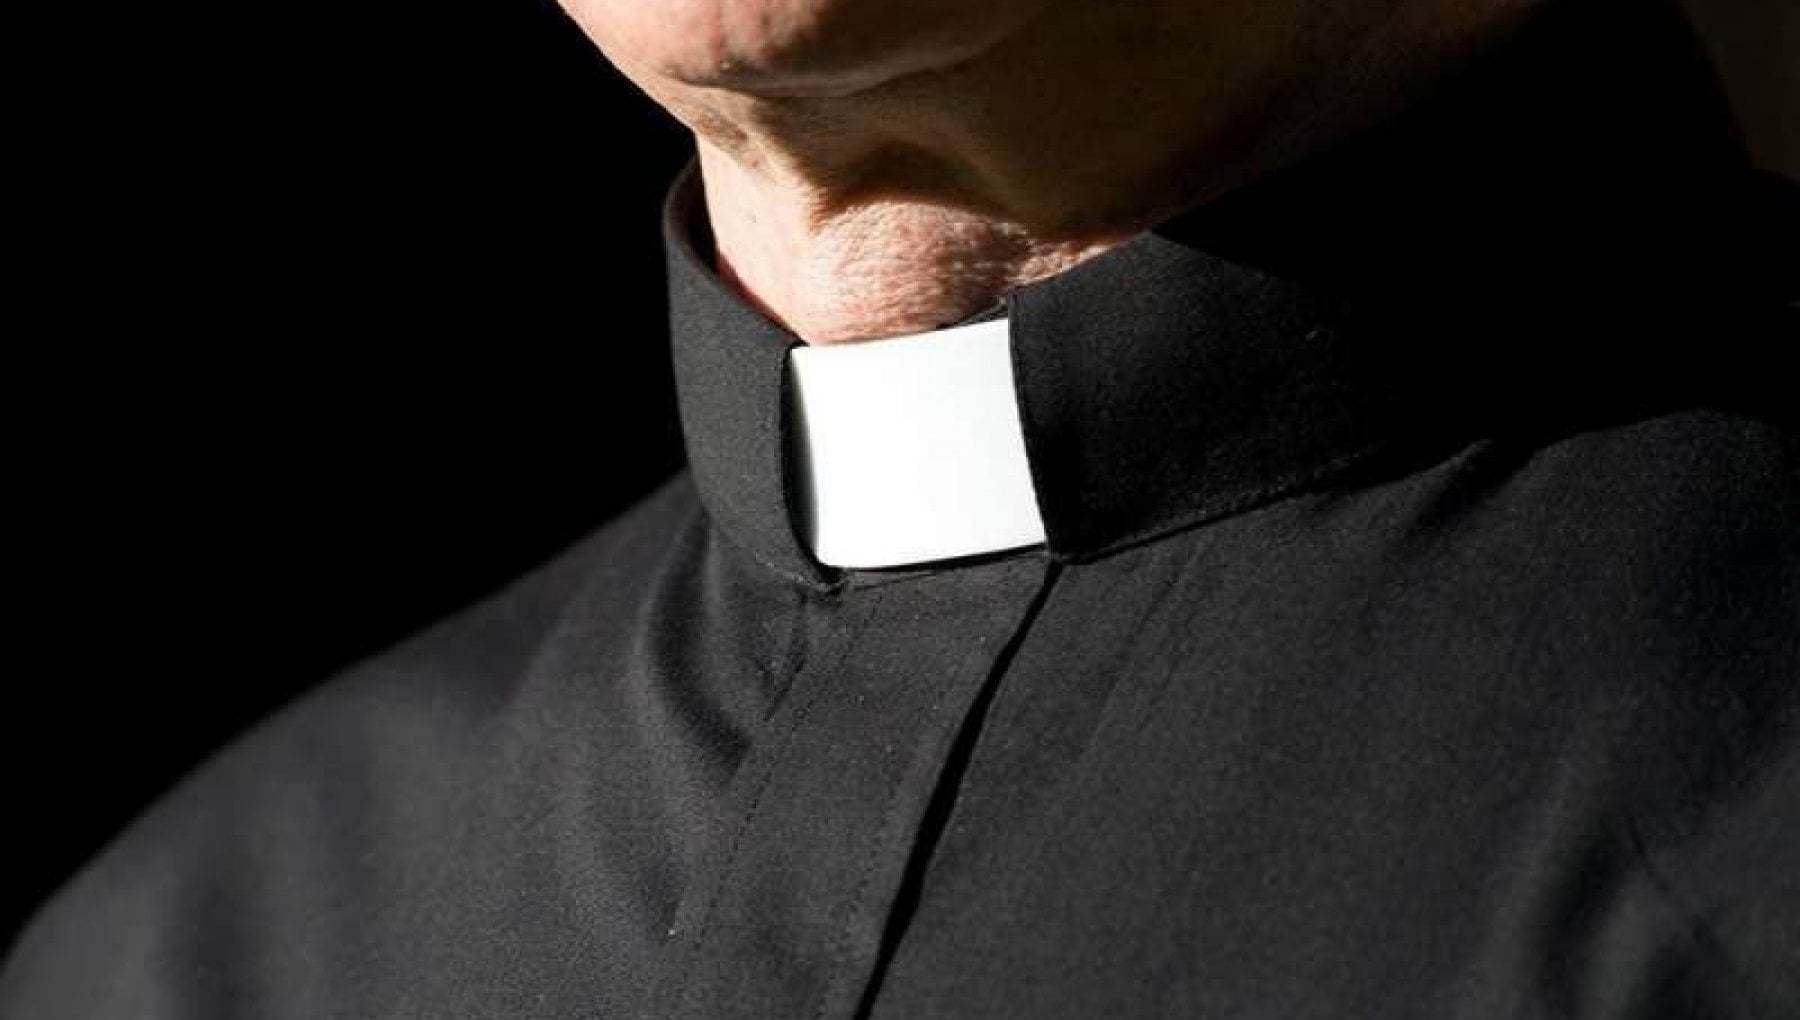 Covid omelia No vax nel Sannio sindaco chiede la rimozione del parroco